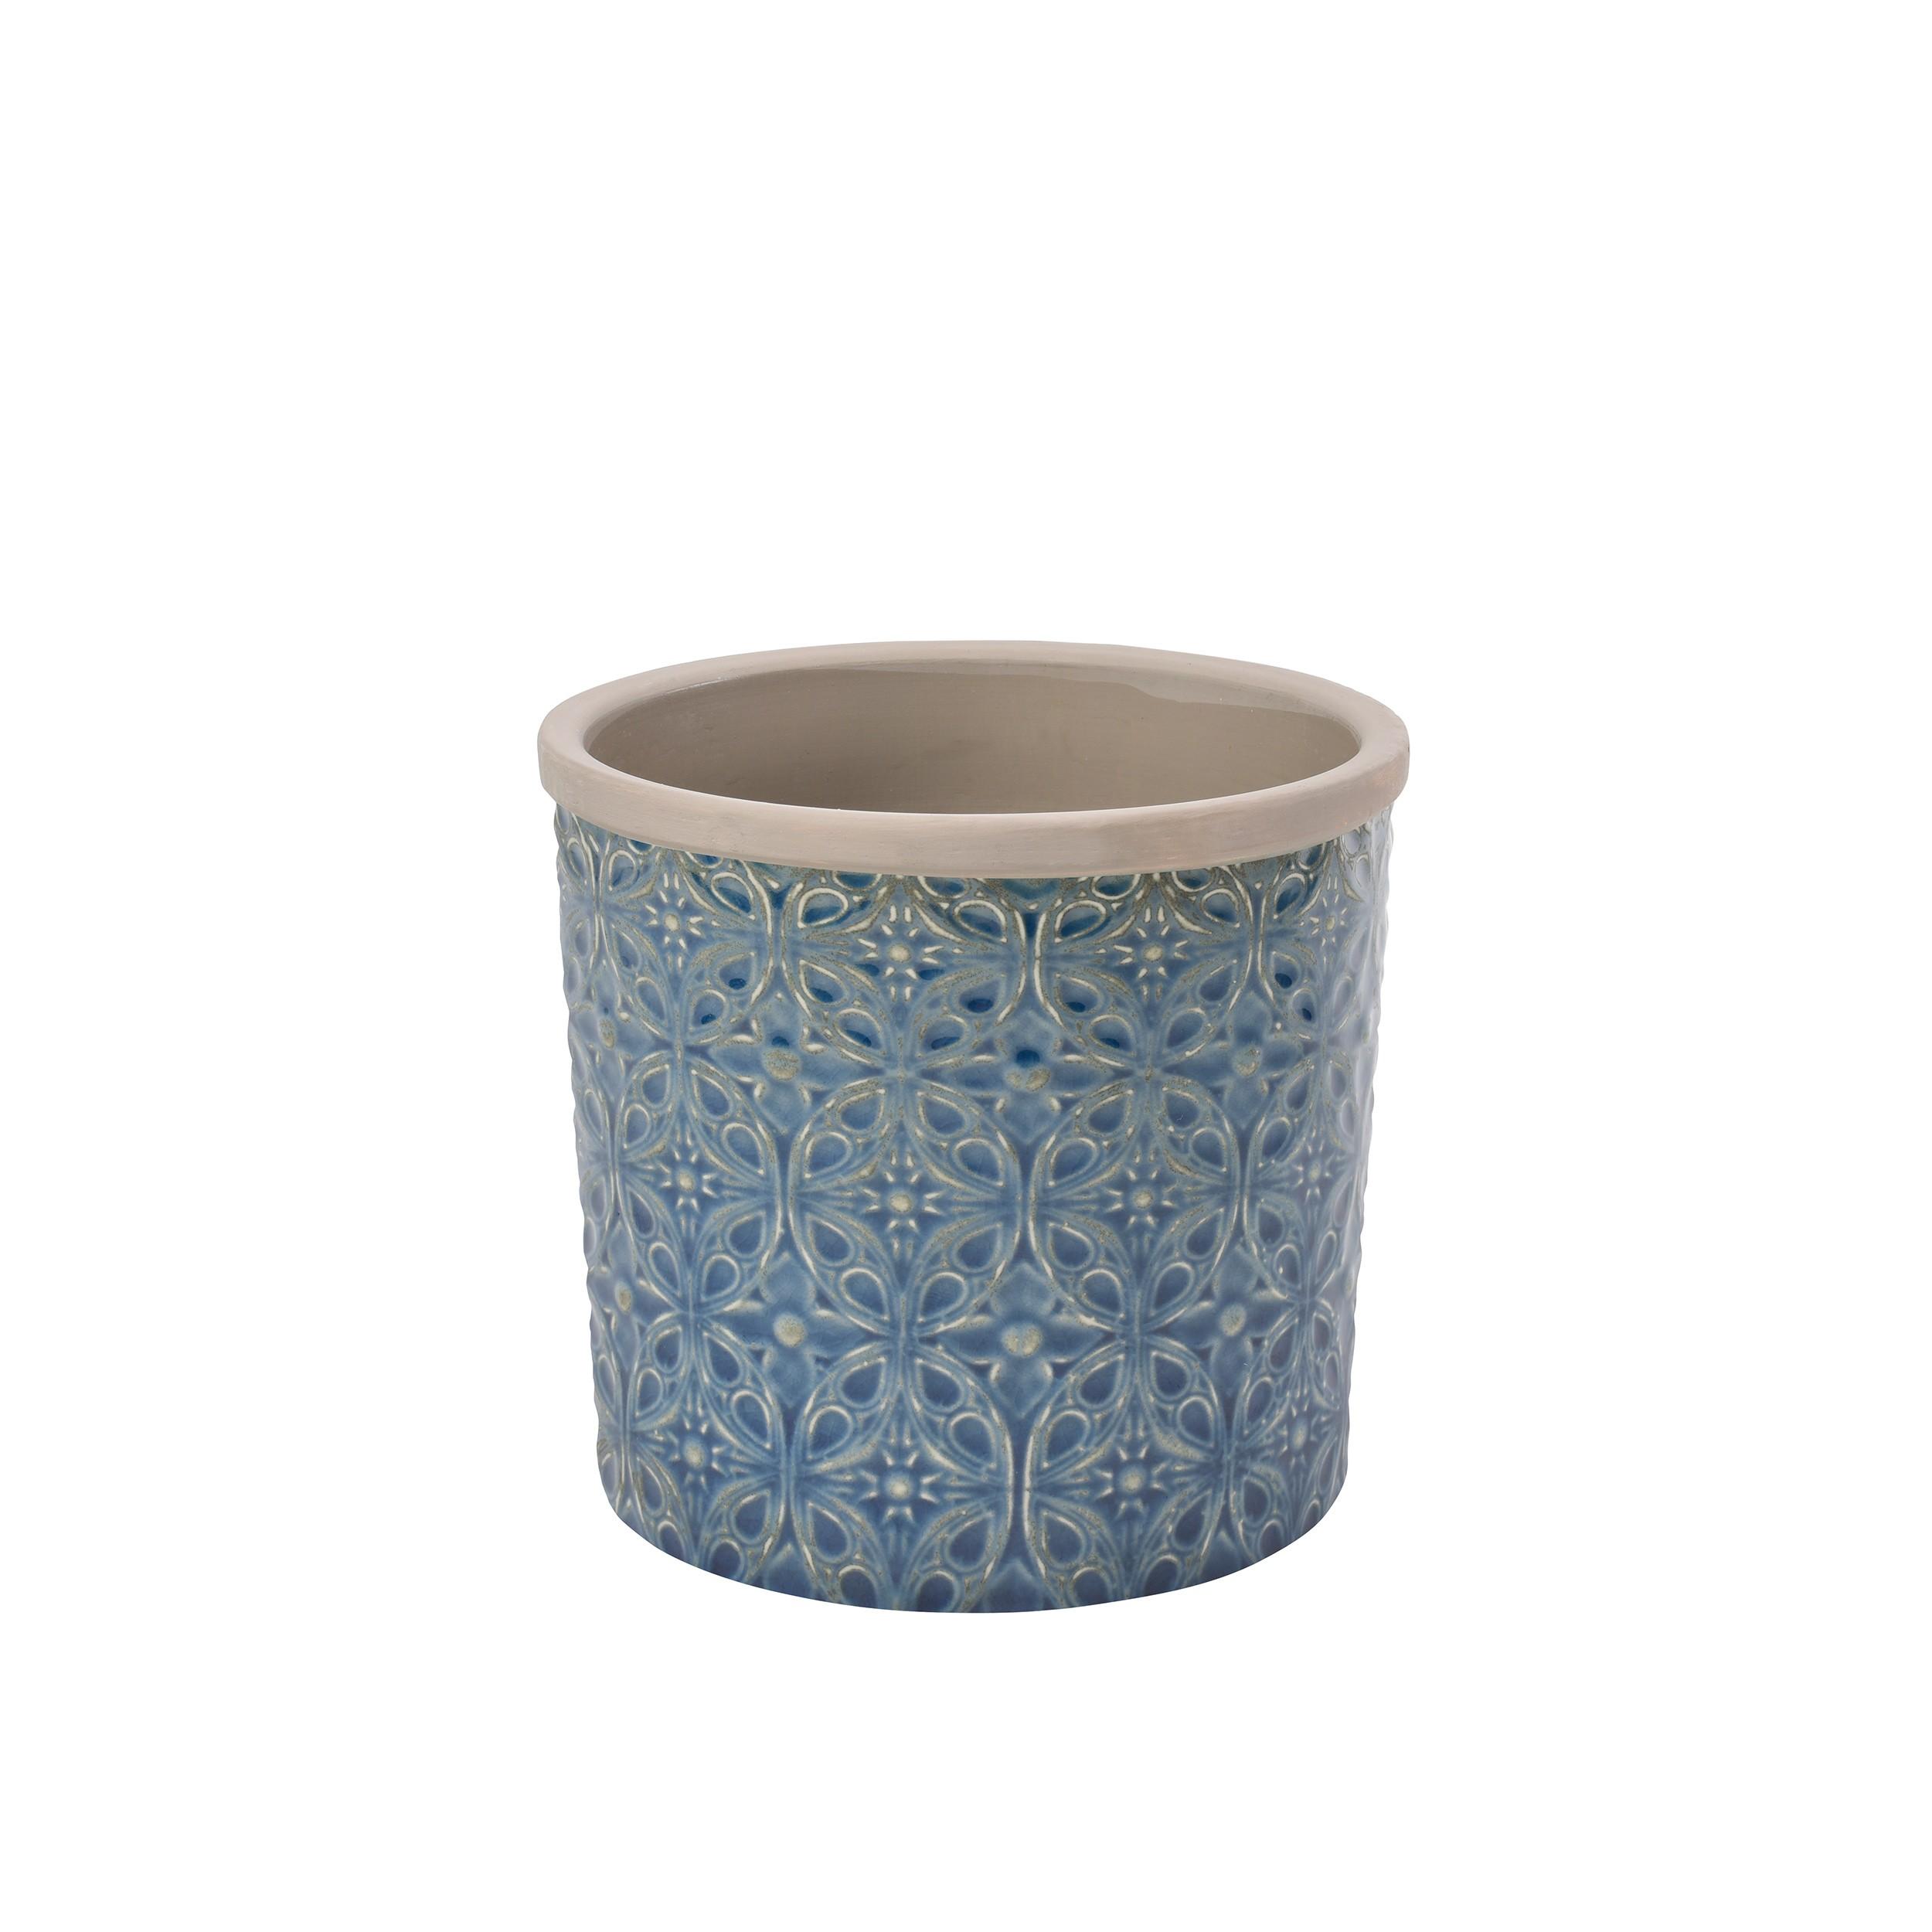 Blumentopf porto keramik 16cm bertopf pflanztopf rund for Blumentopf keramik